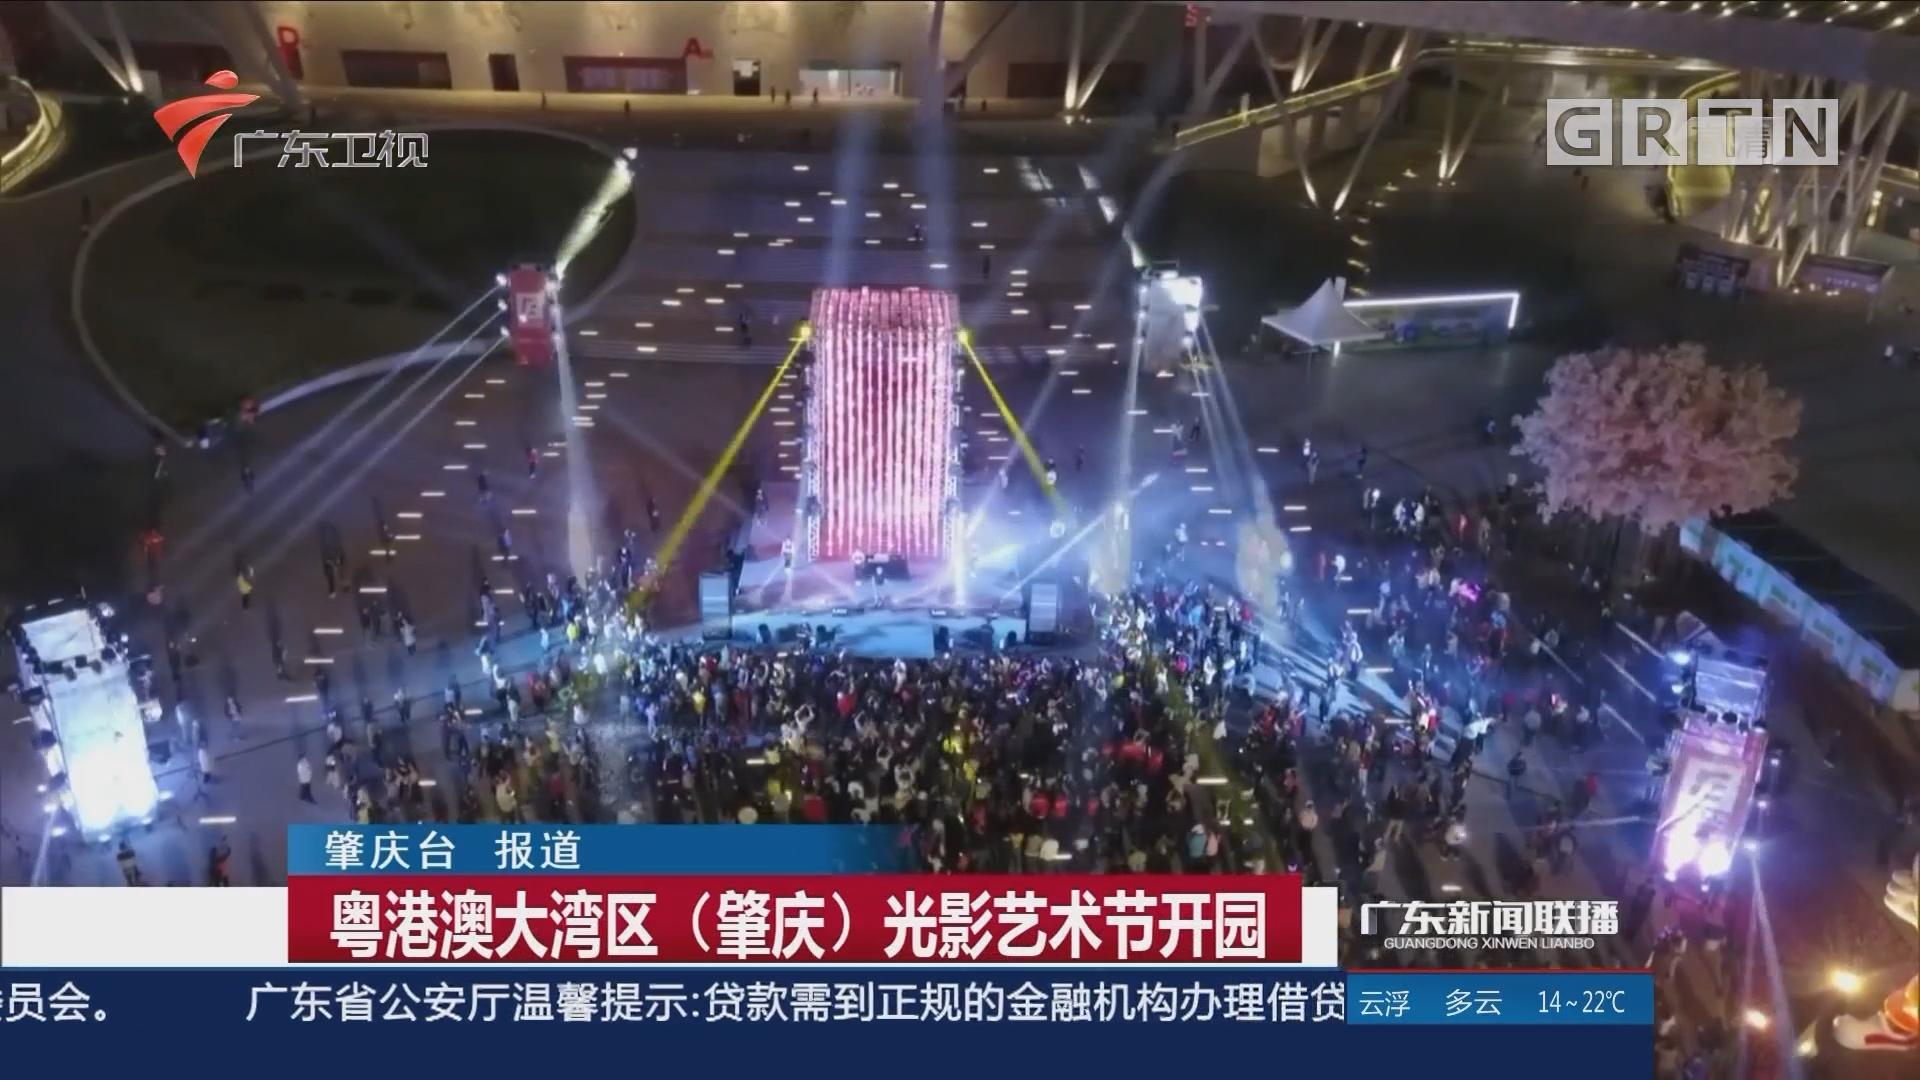 粤港澳大湾区 (肇庆) 光影艺术节开园